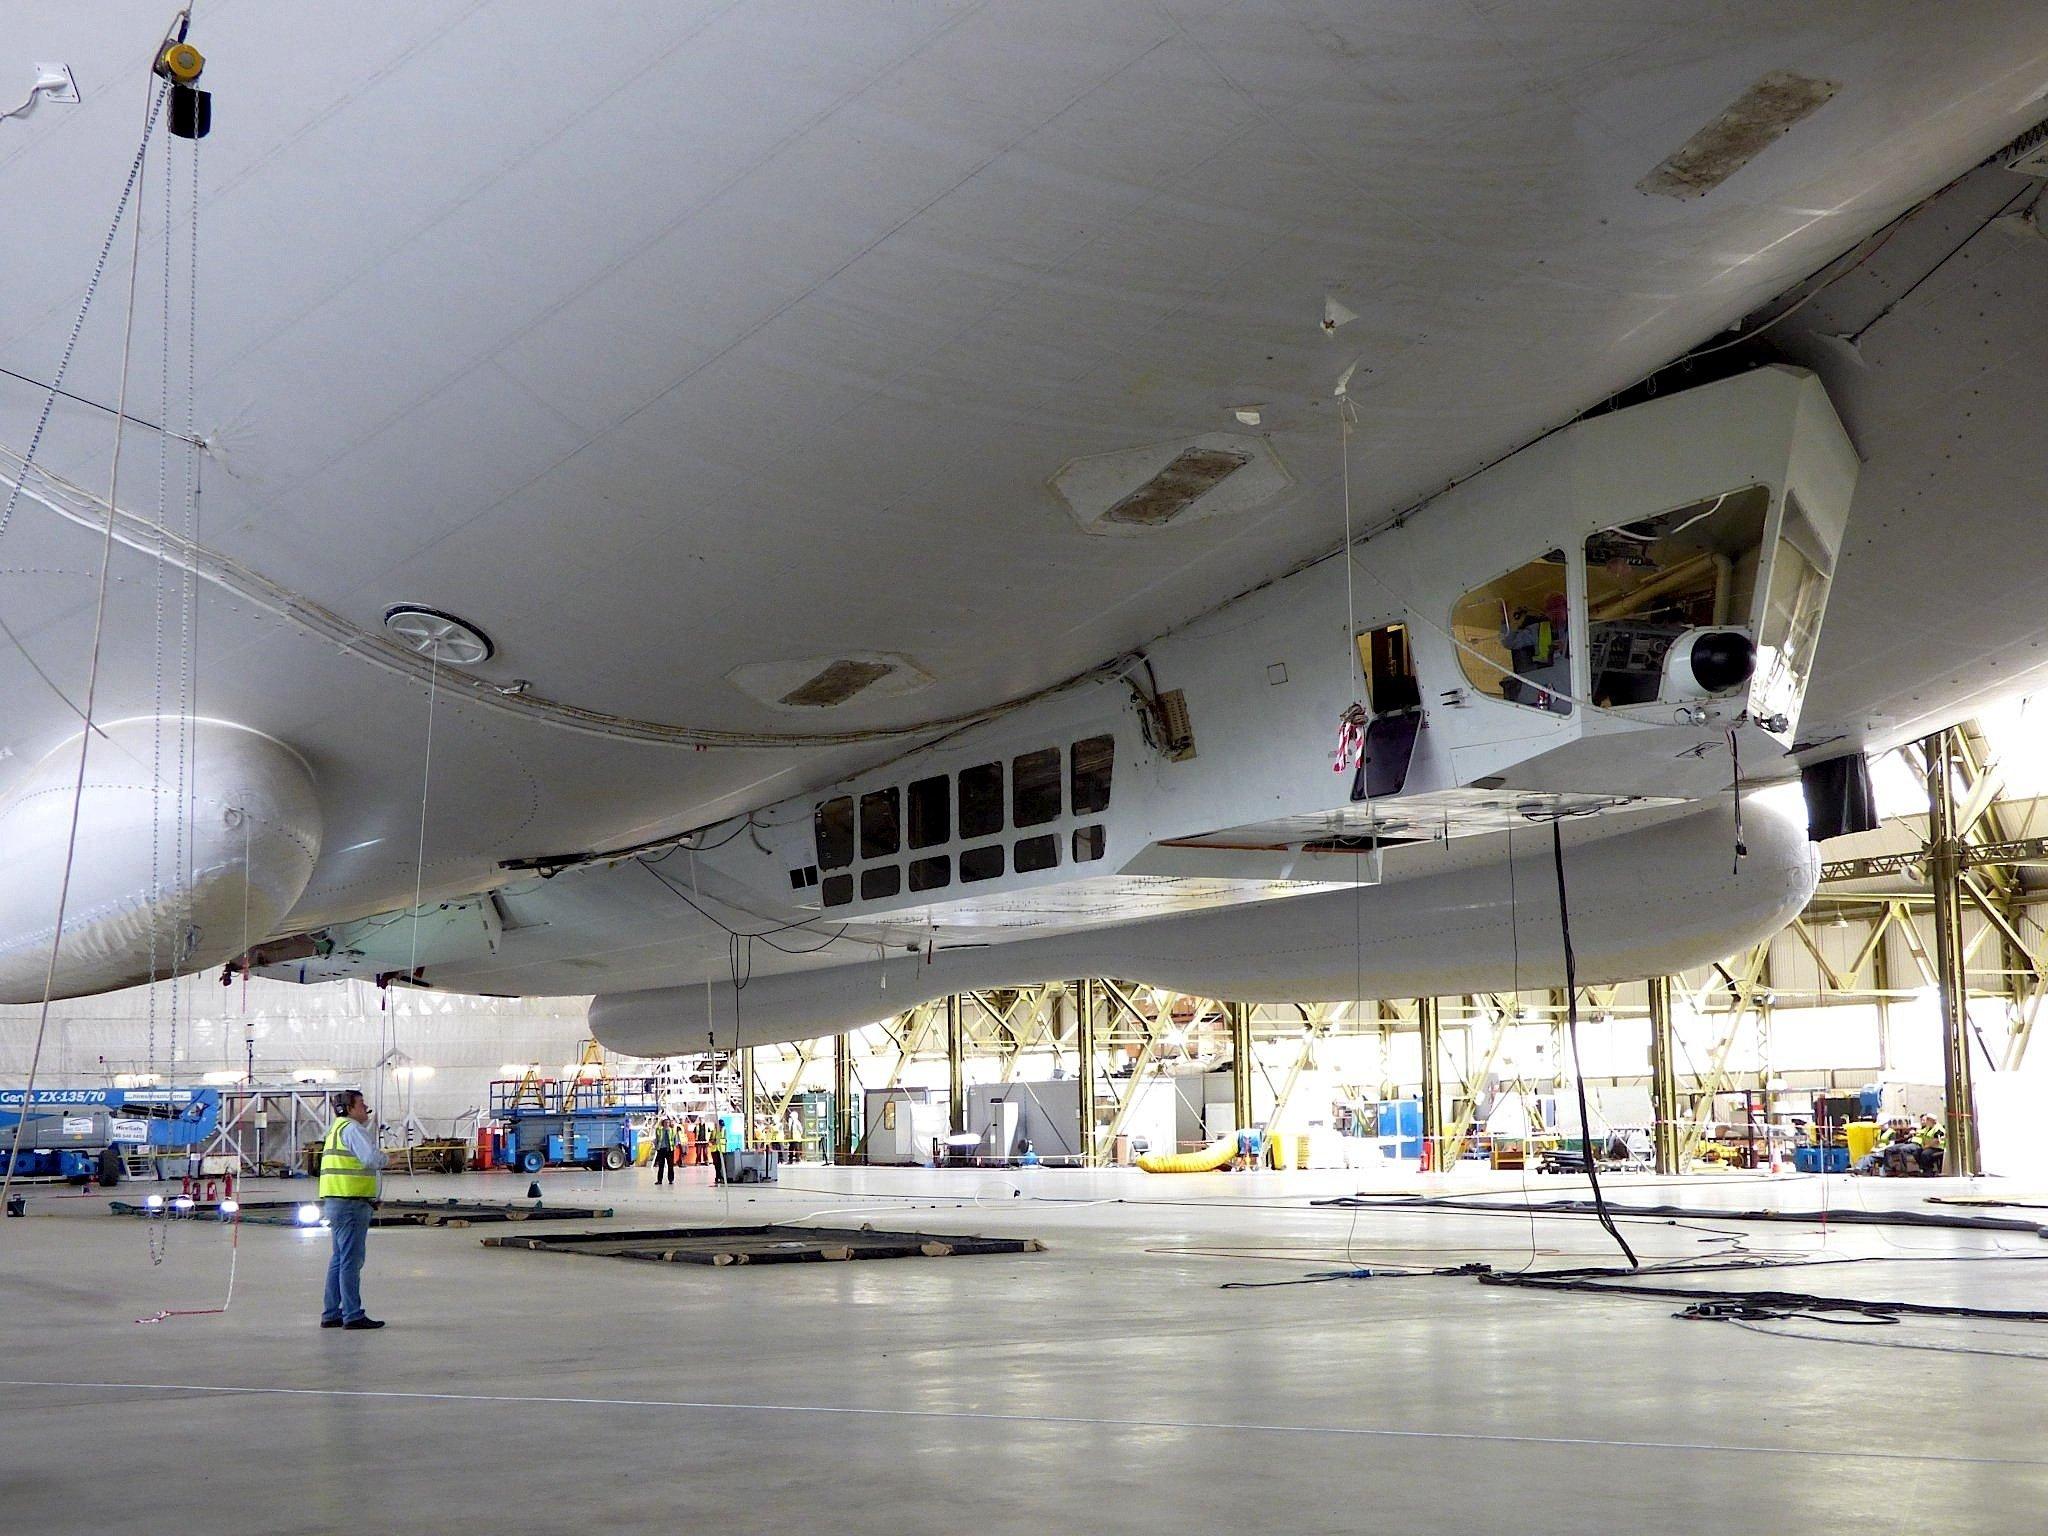 Das Cockpit des Luftschiffs – hier noch unbeschädigt im Hangar – wurde bei der Bruchlandung stark beschädigt.